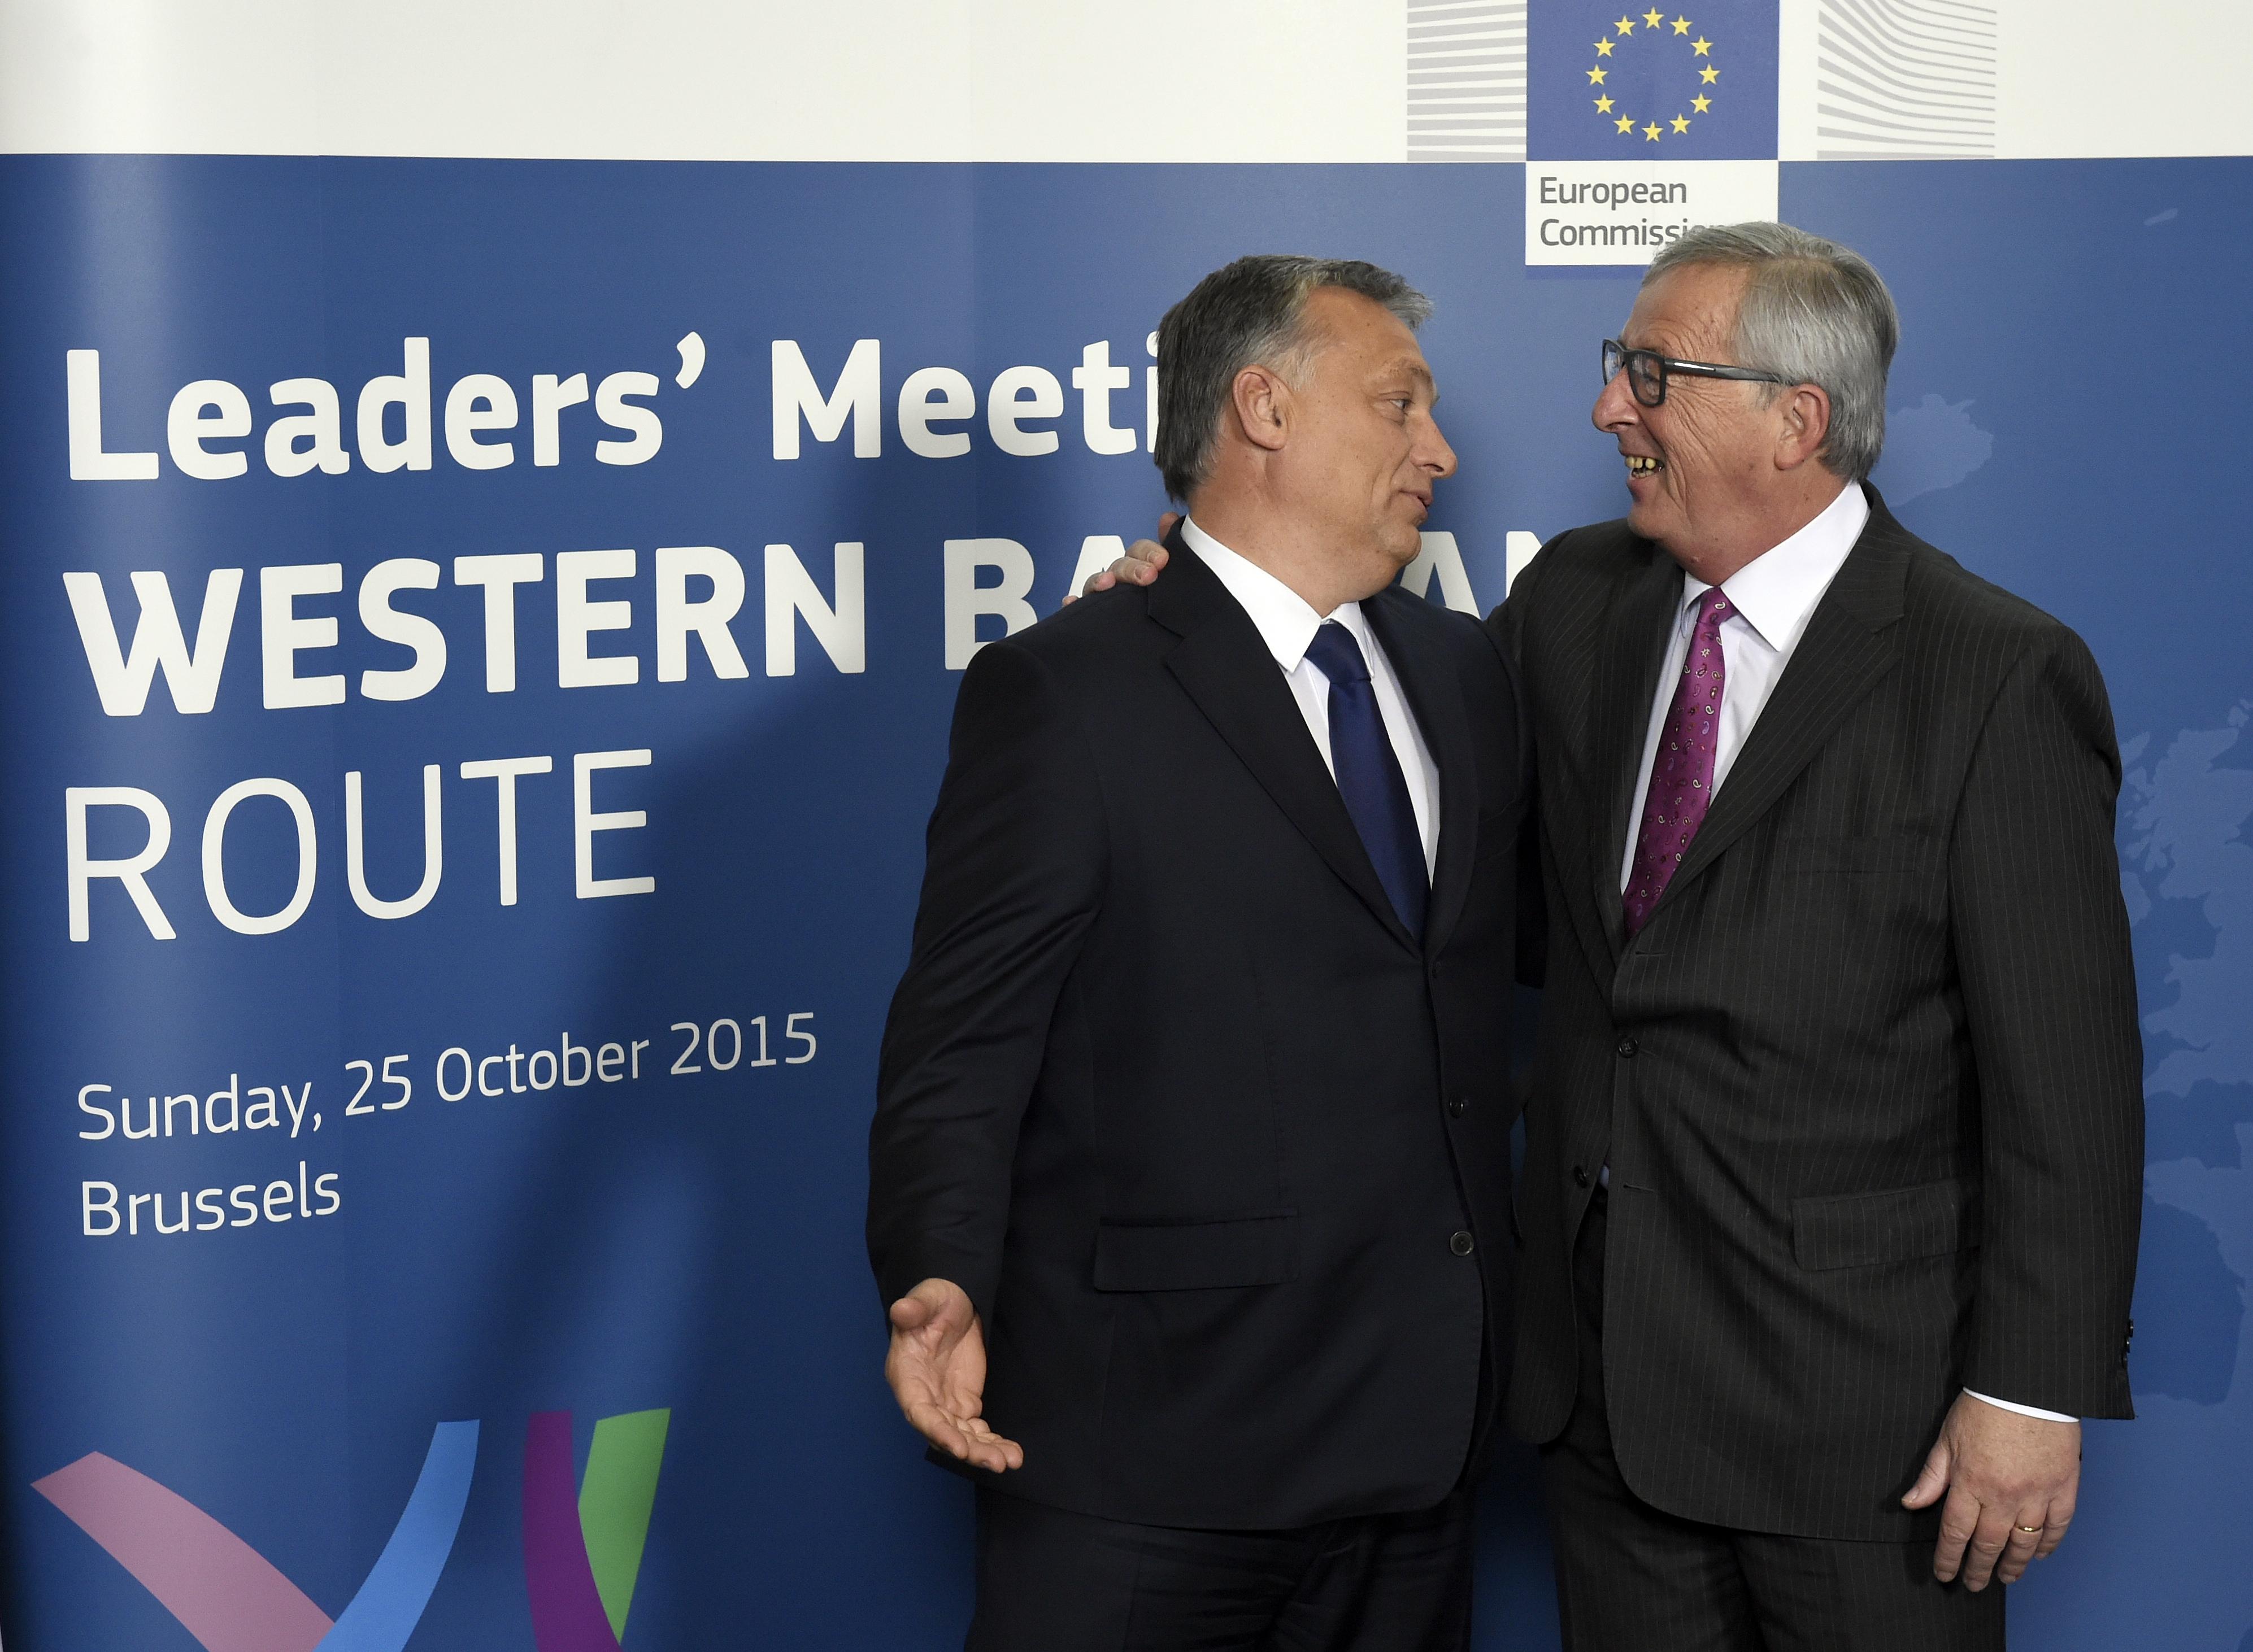 Brüsszel szerint a sikeres lezáráshoz közeledik az Európába érkezett menedékkérők elosztására szolgáló EU-s program